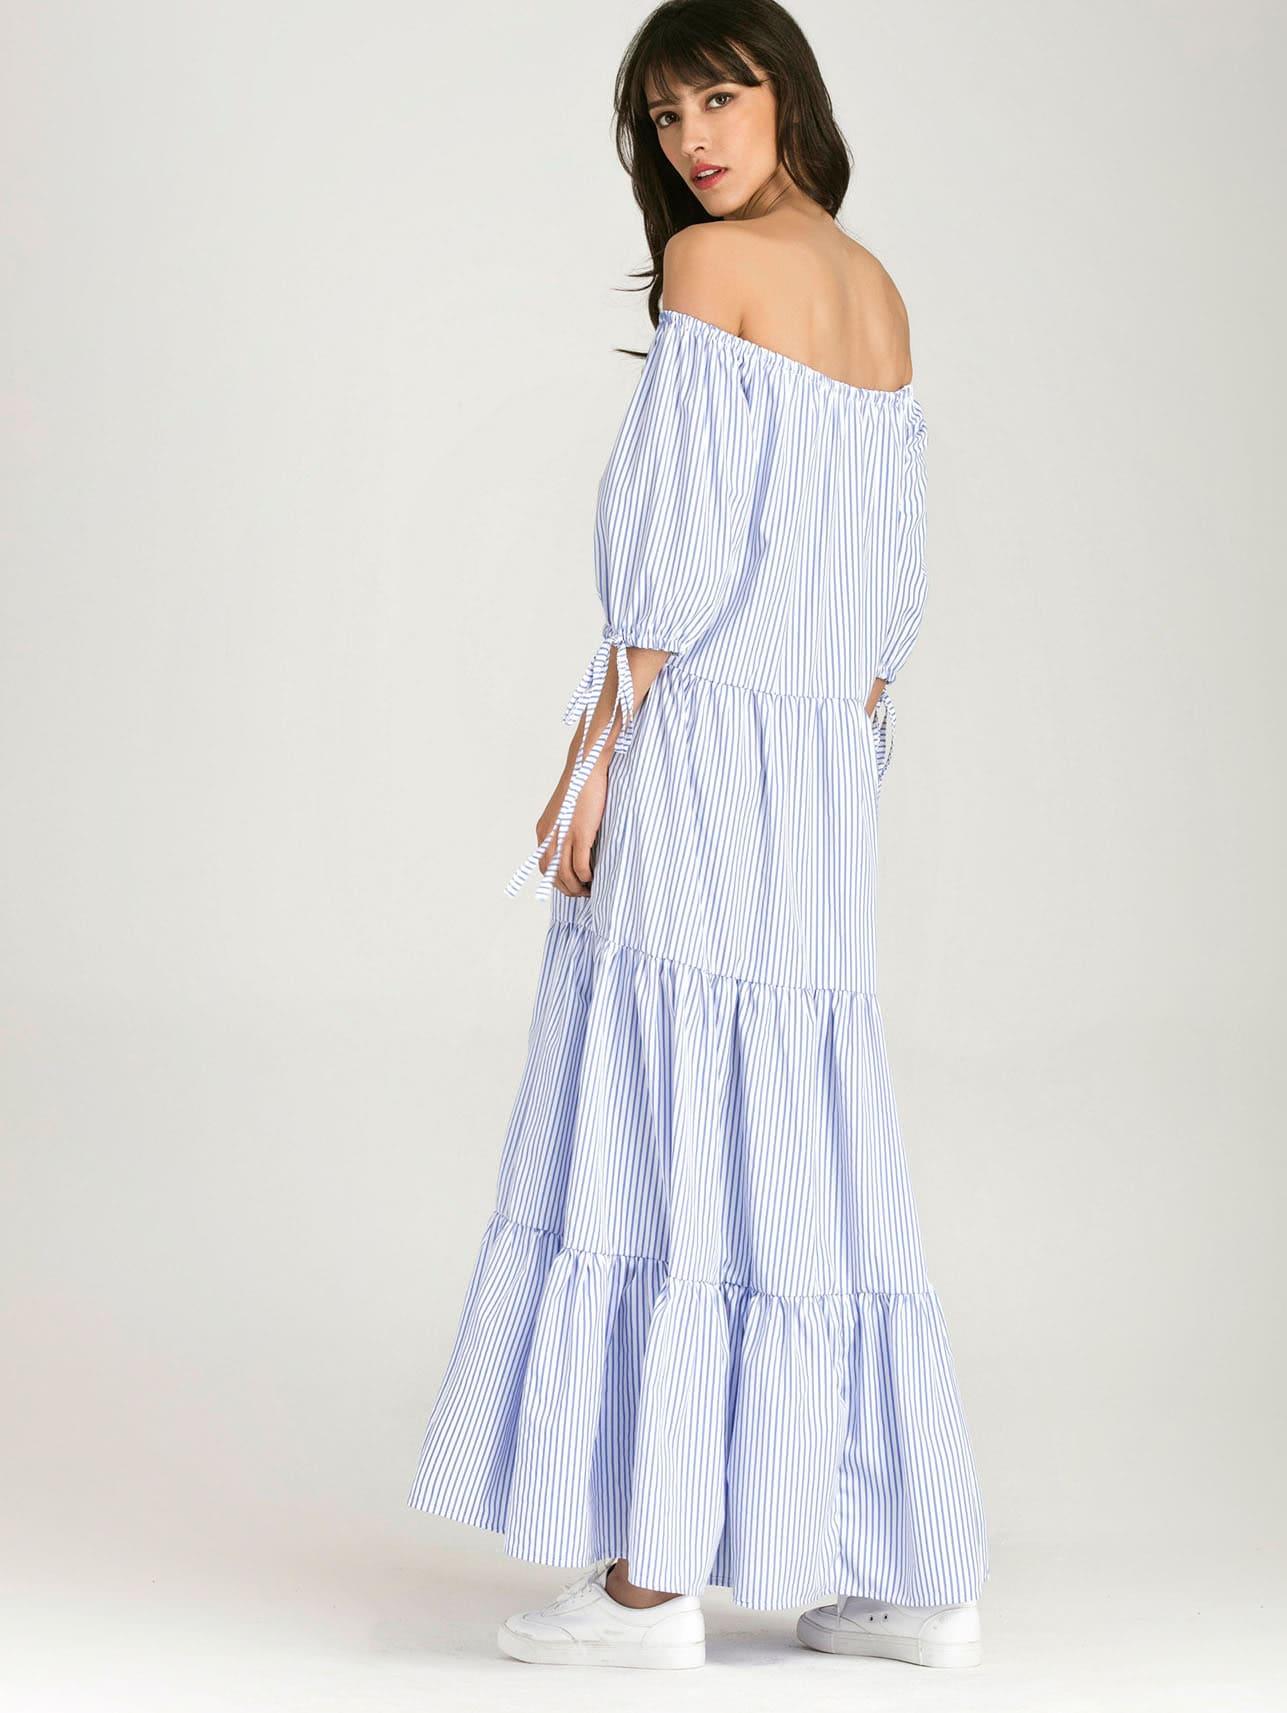 dress170405103_2